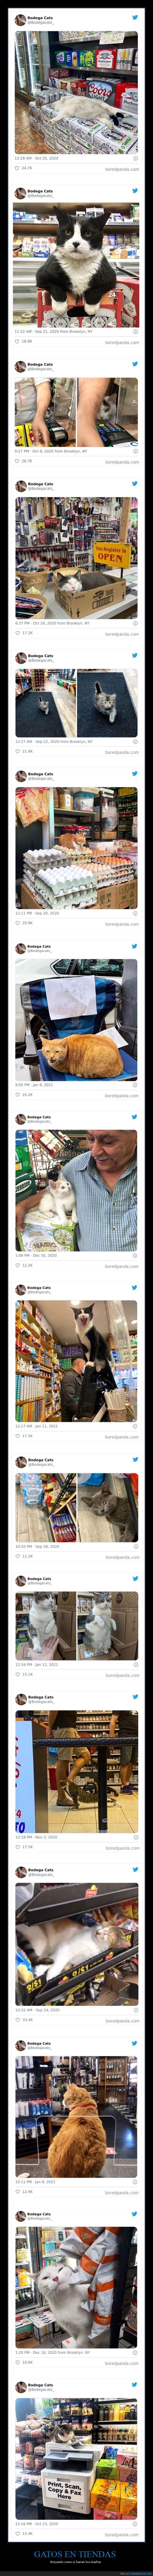 dueños,gatos,tiendas